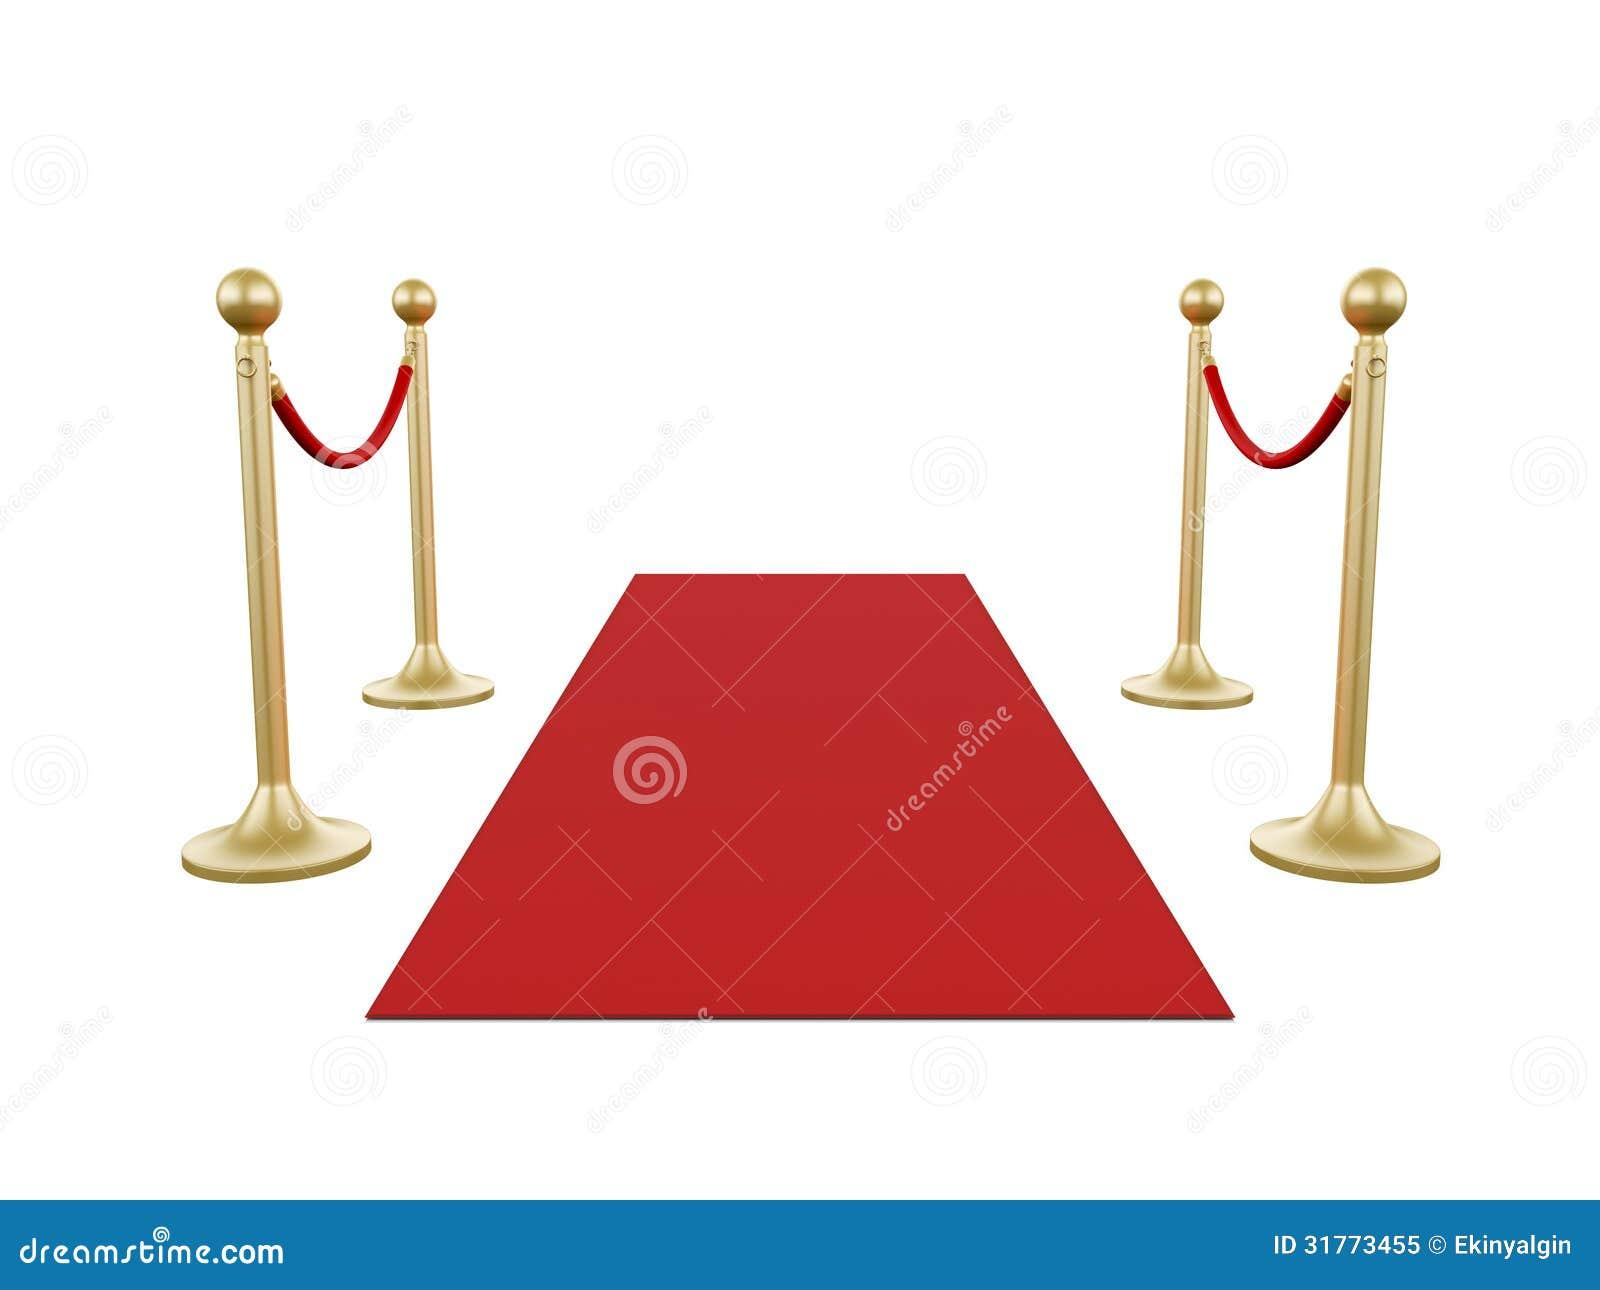 goldener pfosten und roter teppich lizenzfreies stockfoto. Black Bedroom Furniture Sets. Home Design Ideas